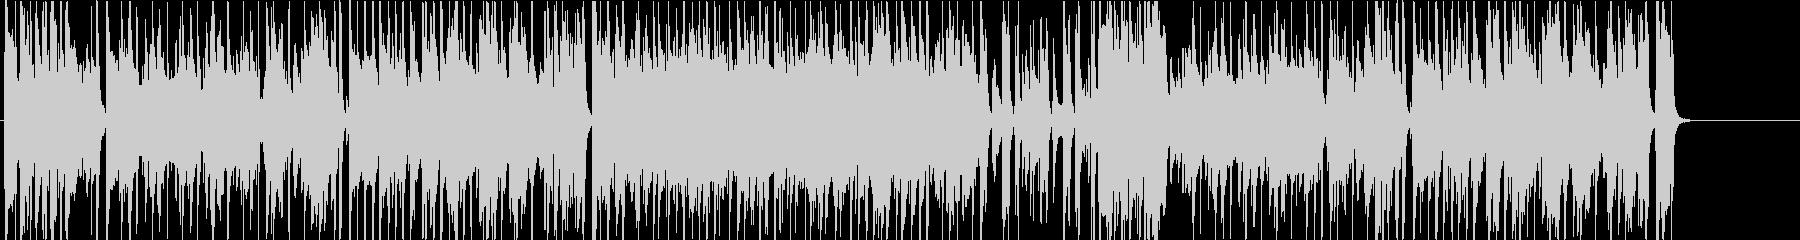 ジャズ風のまったりしたBGM。の未再生の波形